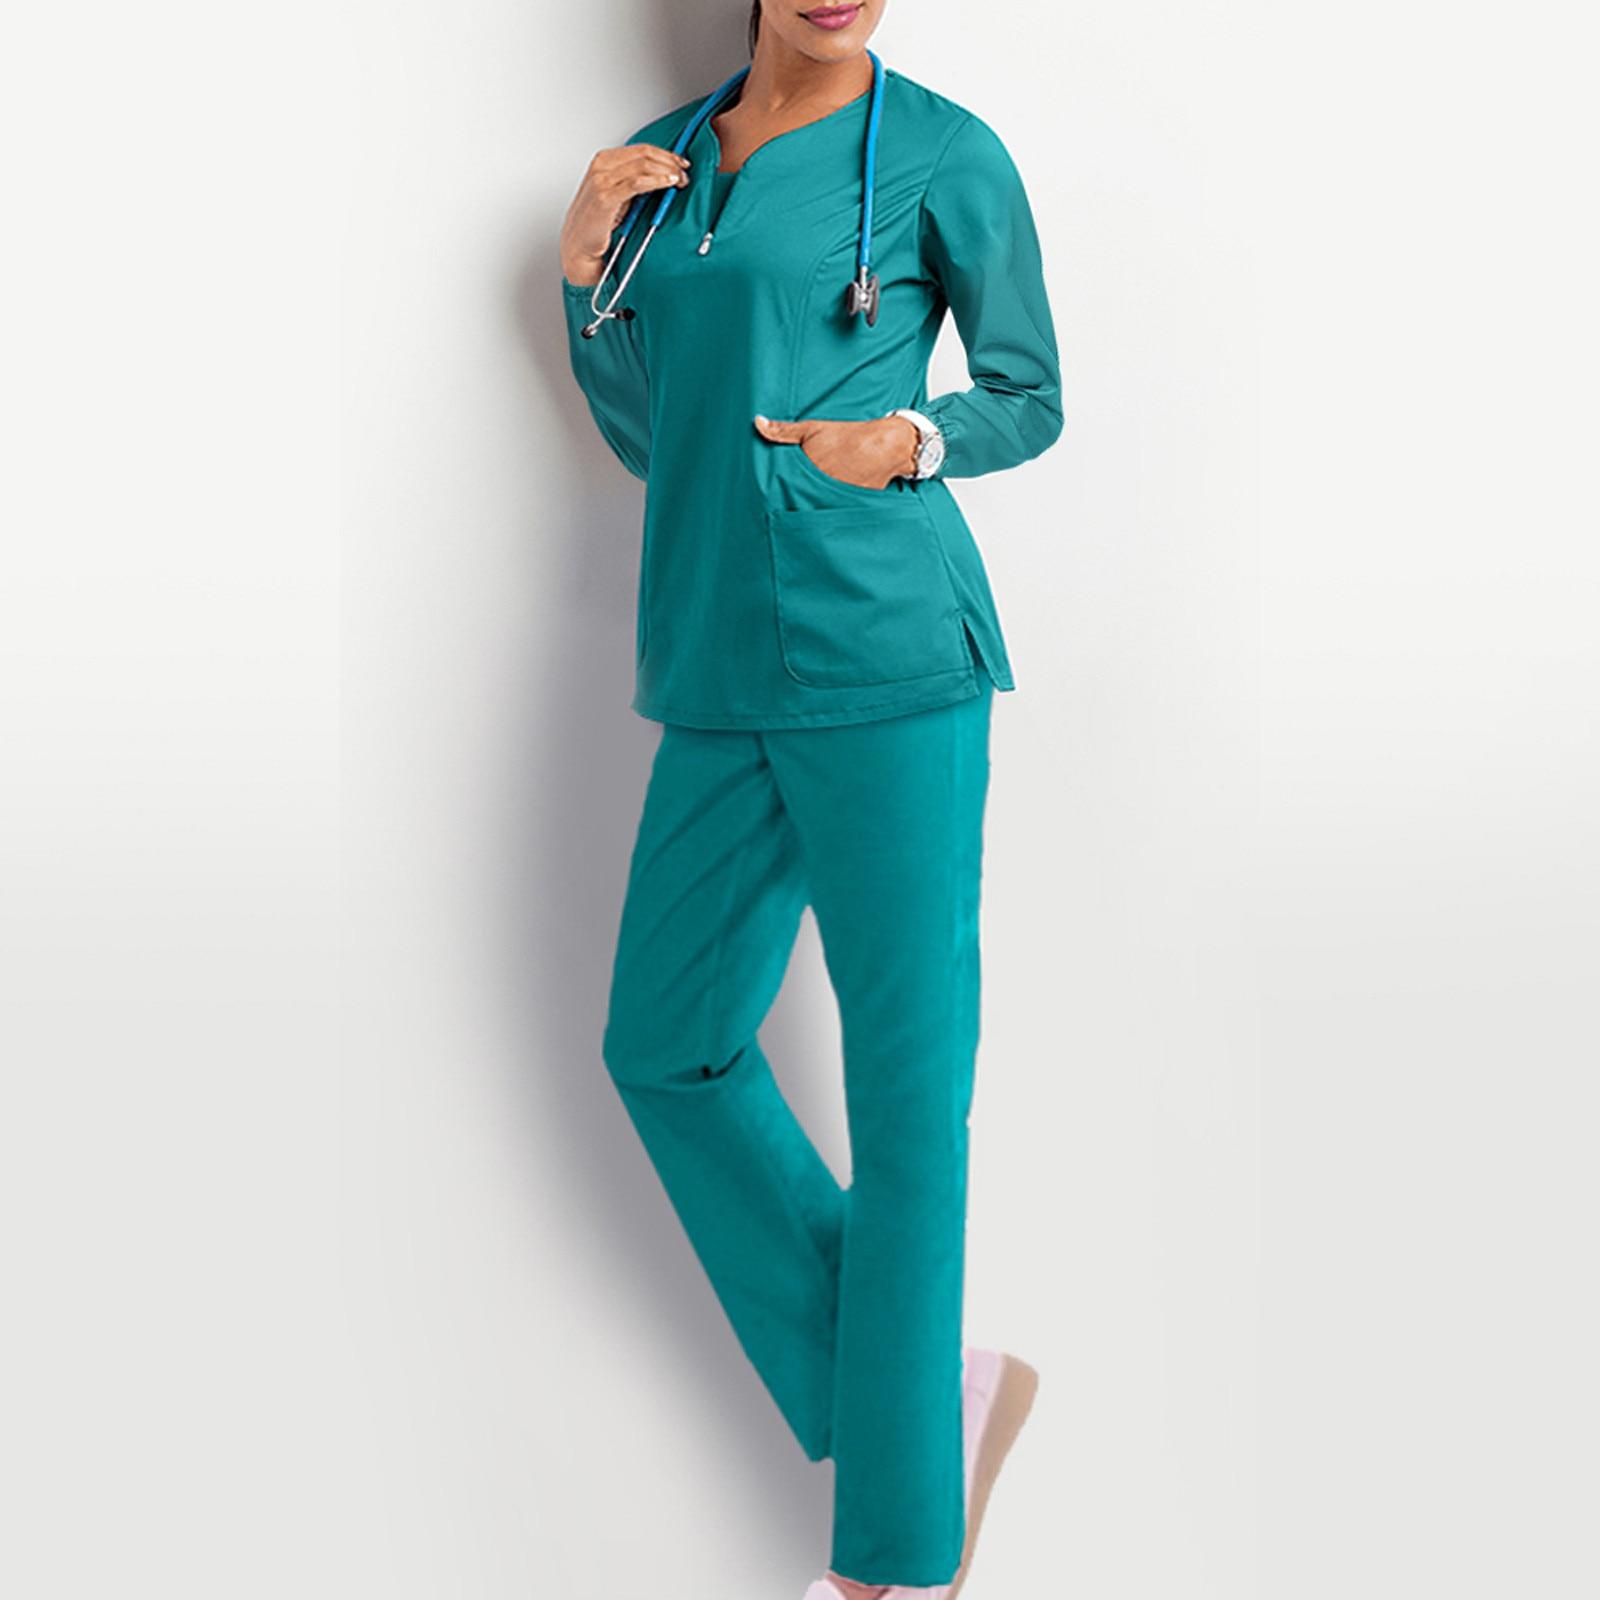 Ladies Nurse Uniform Carer Suit And Set V-neck Solid Color Long-sleeved Pocket Pant Set Uniforme Enfermera Mujer Nursing Clothes